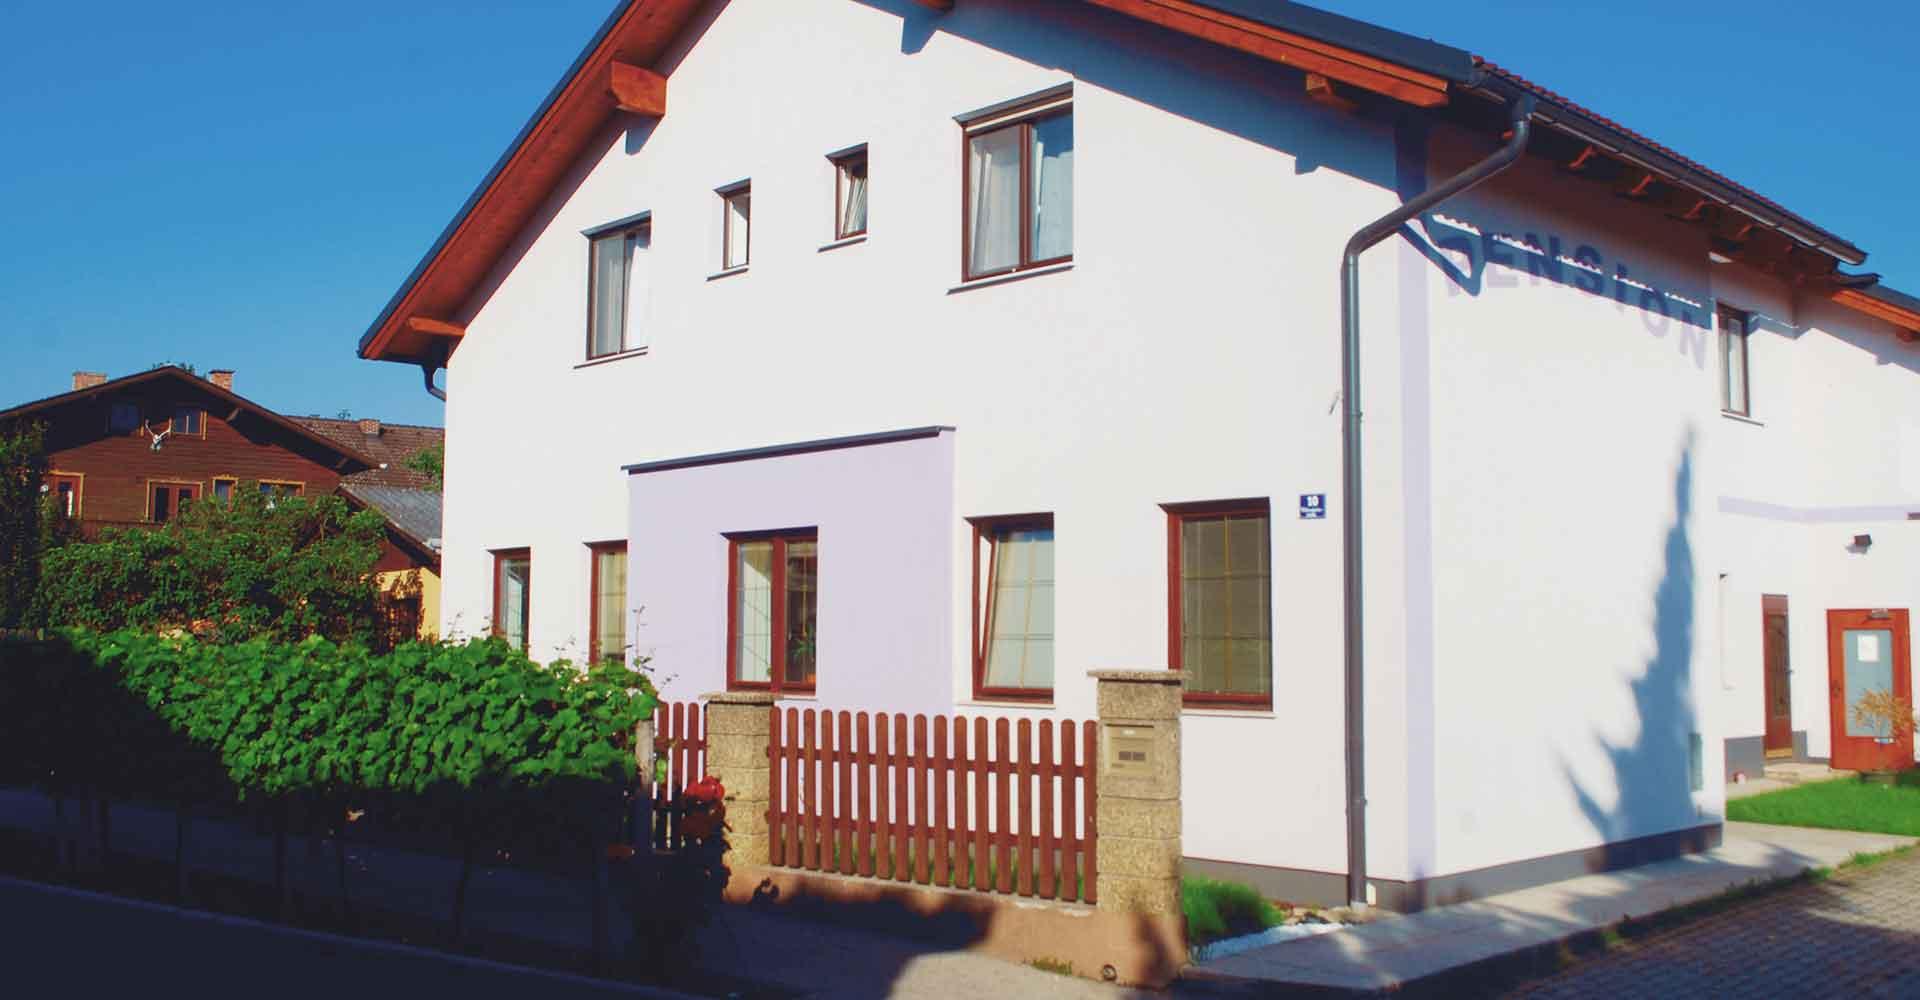 Pension Steindl Unterkunft Tulln Hausansicht